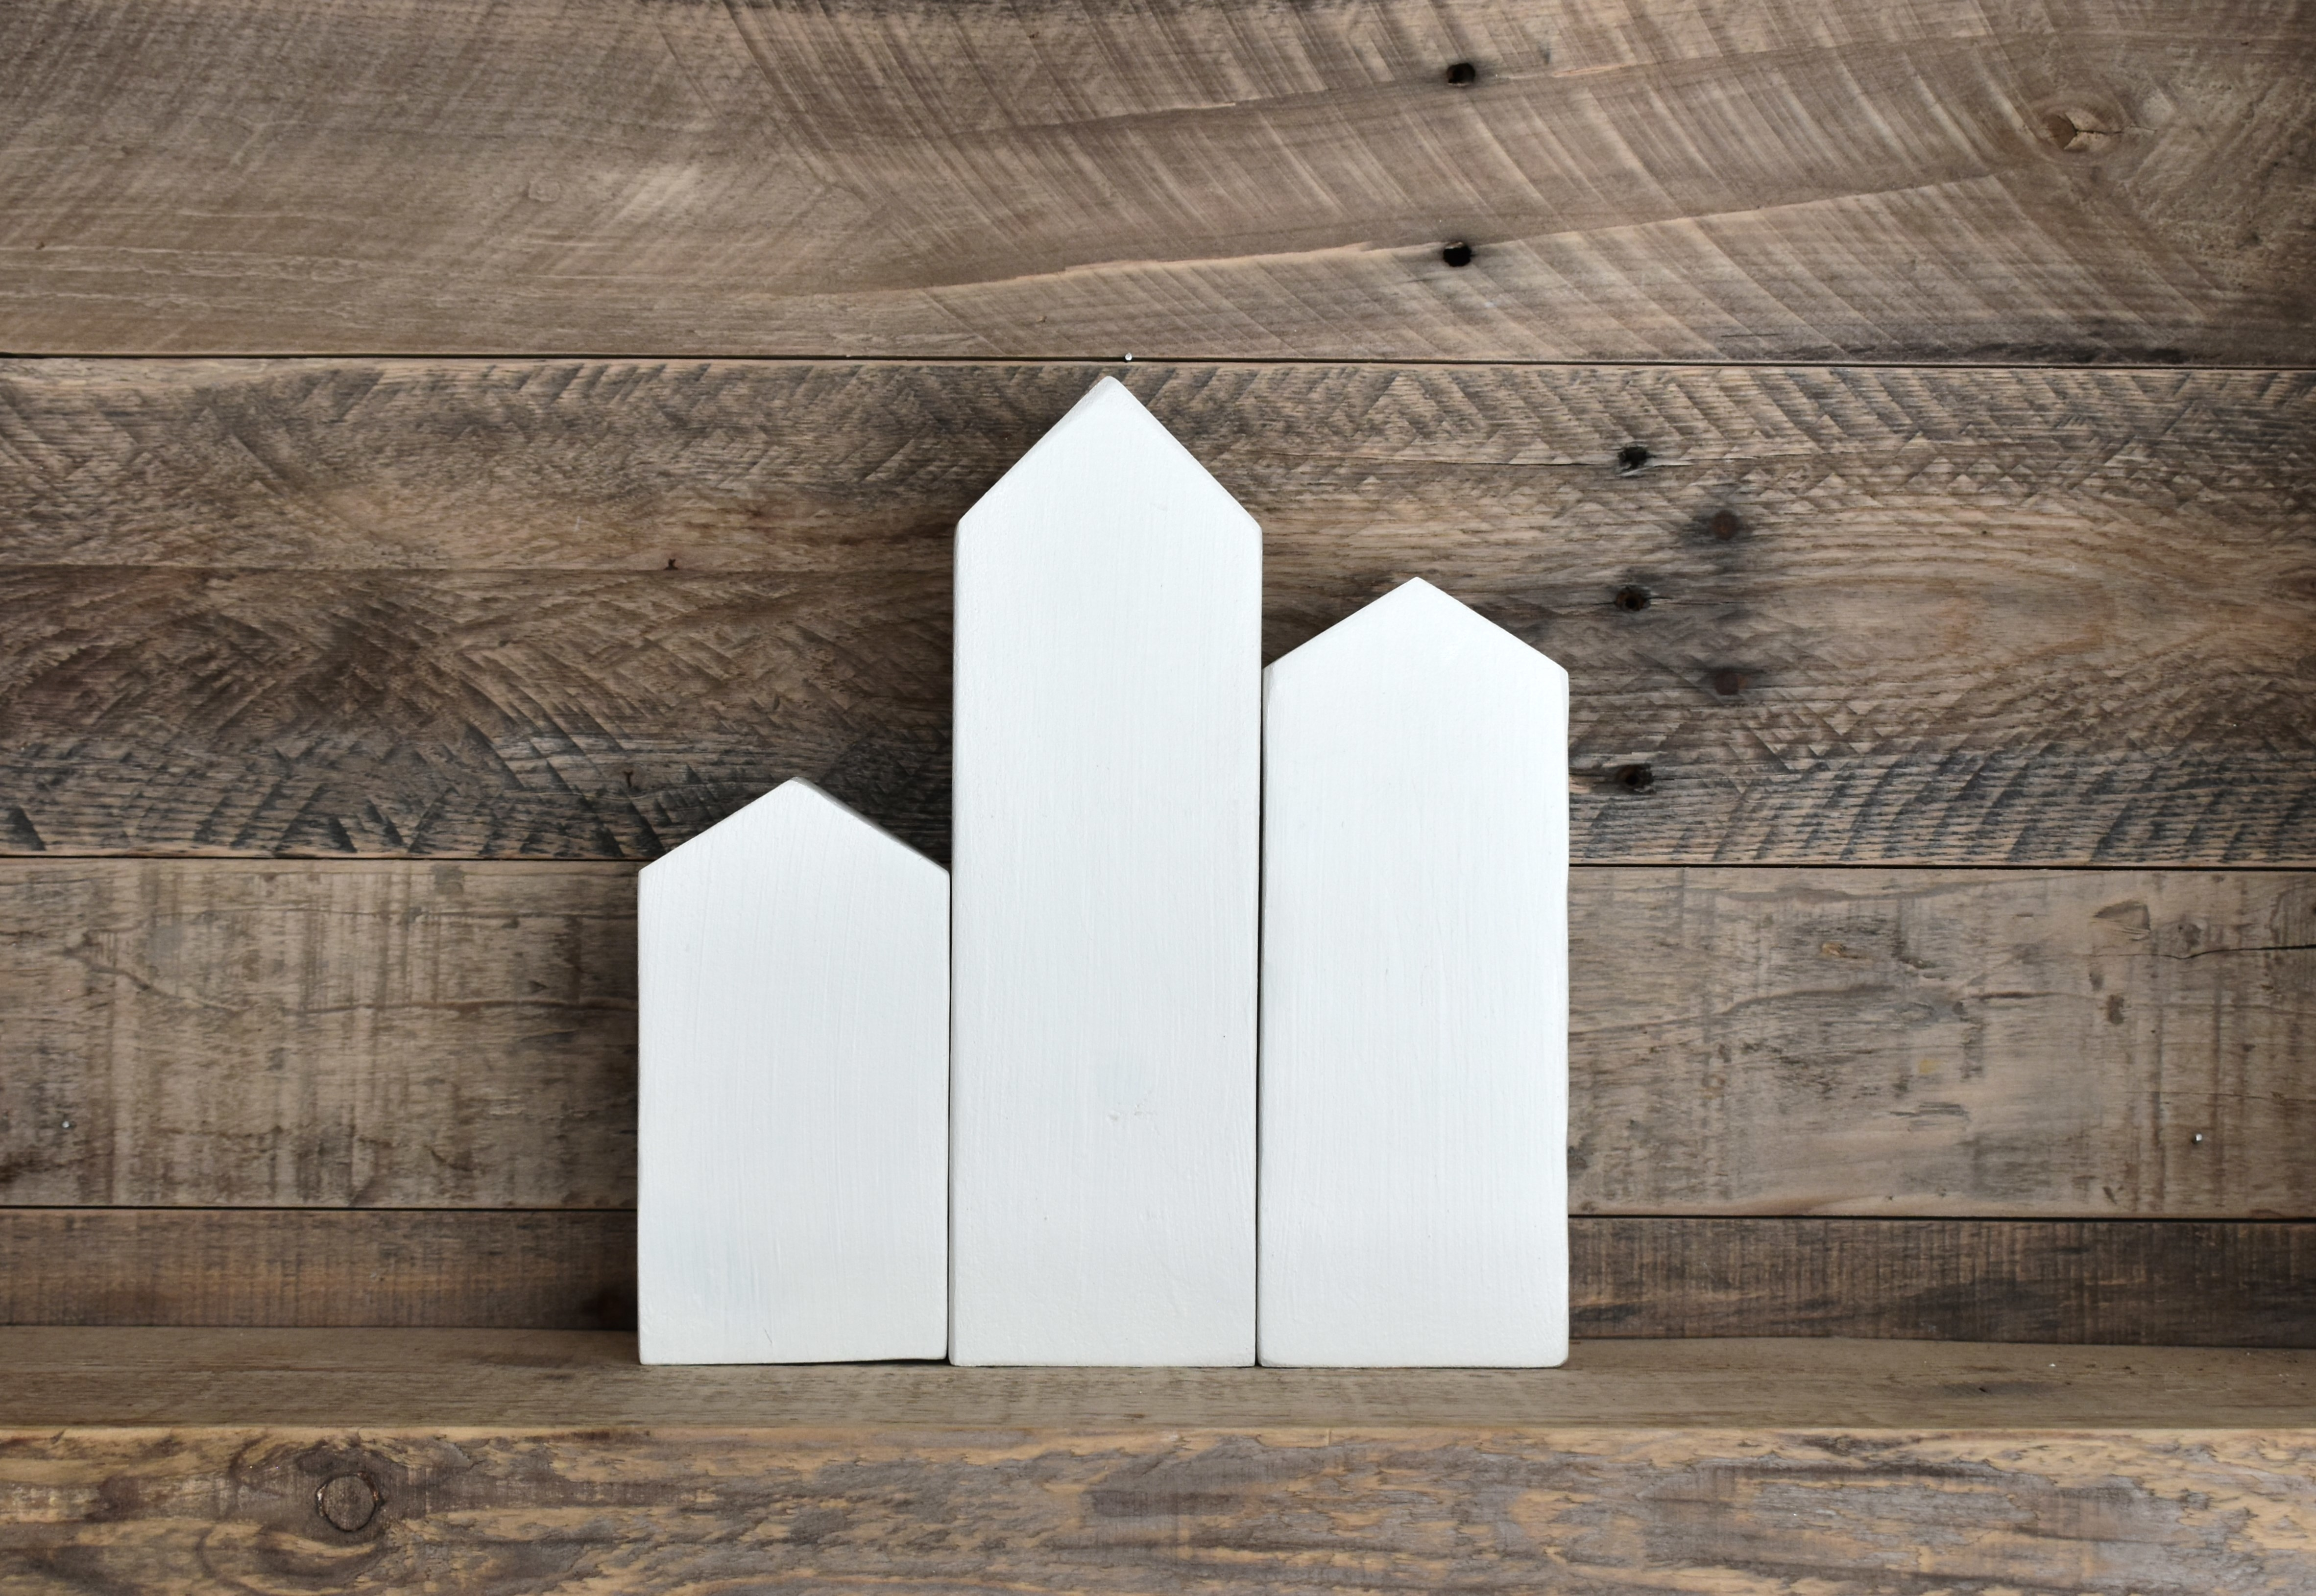 White Wooden Houses, Simple Home Decor, Tiny Houses, Small Wooden Houses, Decor Houses, Home Accents, Farmhouse Decor, Block House - White